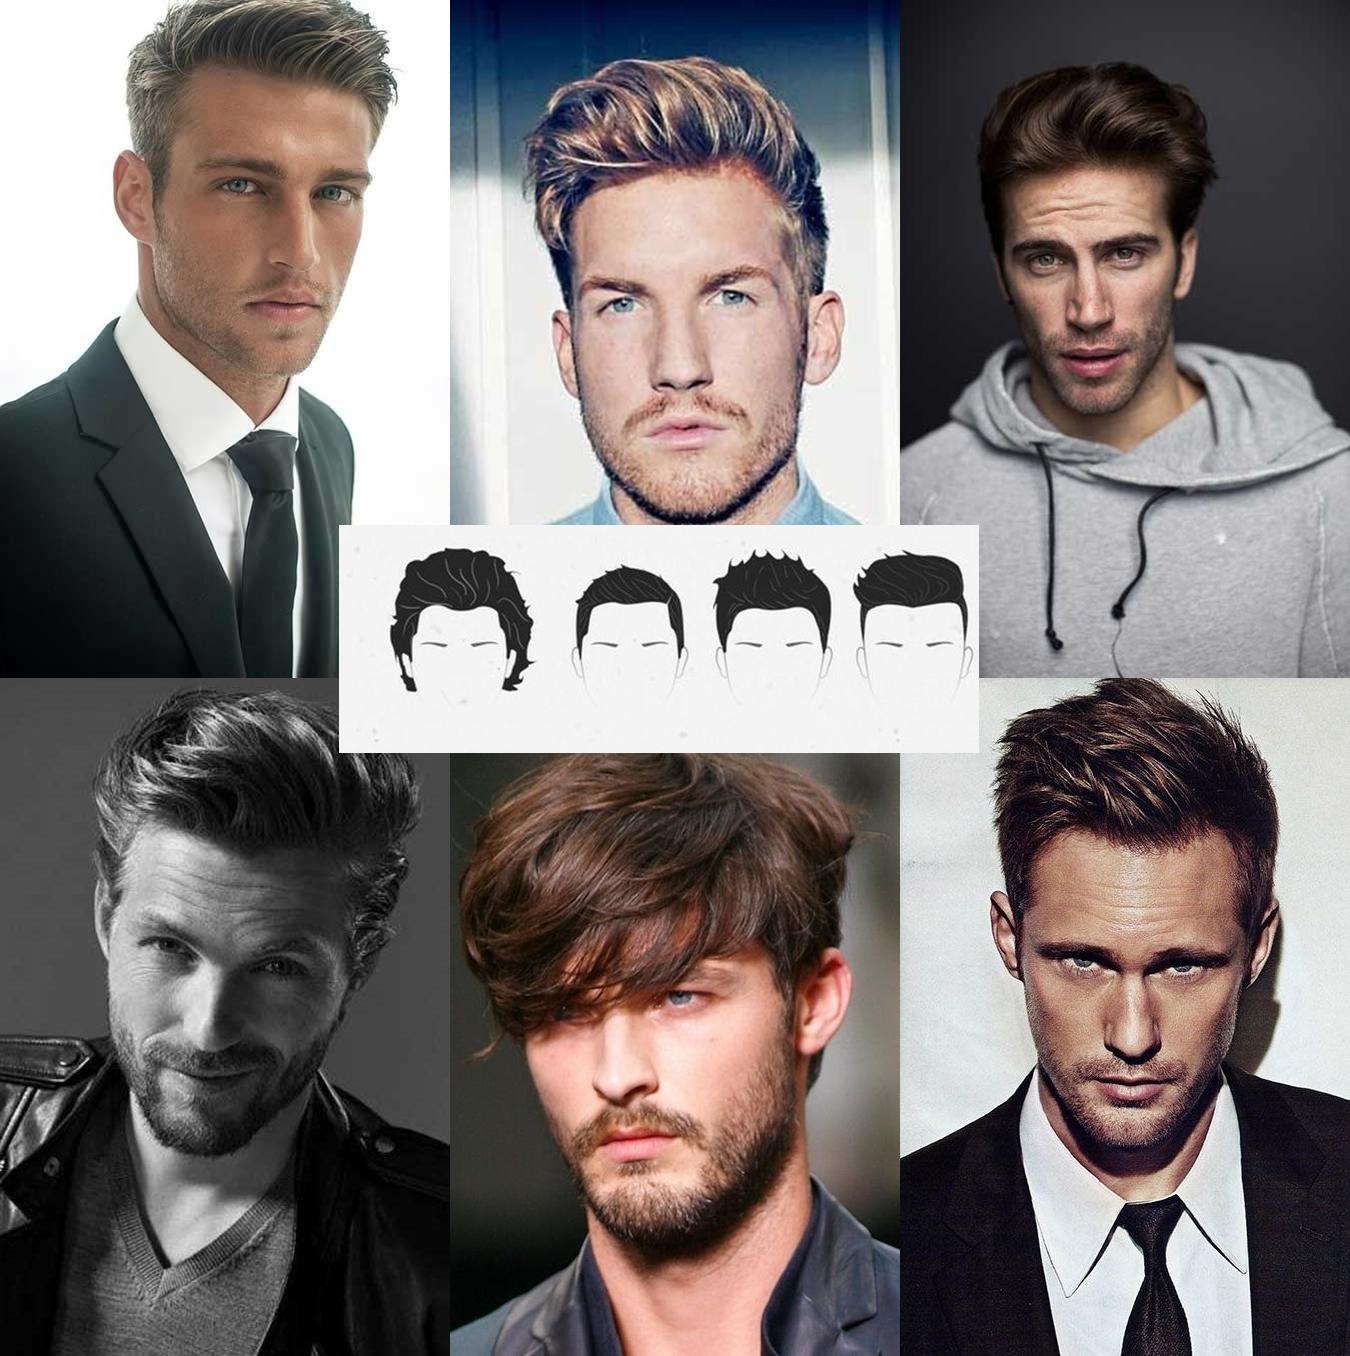 tipos de corte de cabelo para cada tipo de rosto, cortes de cabelo masculino, dicas de cortes, penteados masculino, menswear, mensstyle, blog de moda, moda sem censura, alex cursino, fashion blogger, blogueiro, blog de moda,